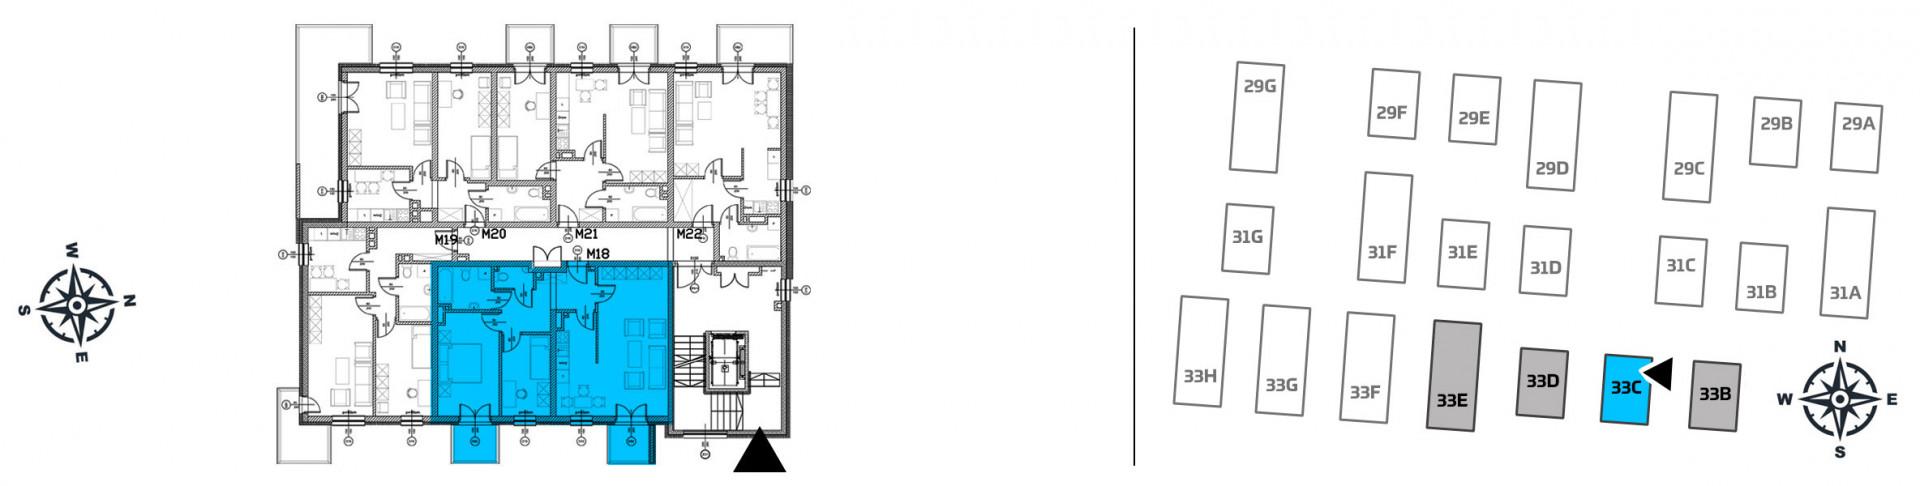 Mieszkanie trzypokojowe 33C/18 rzut 2